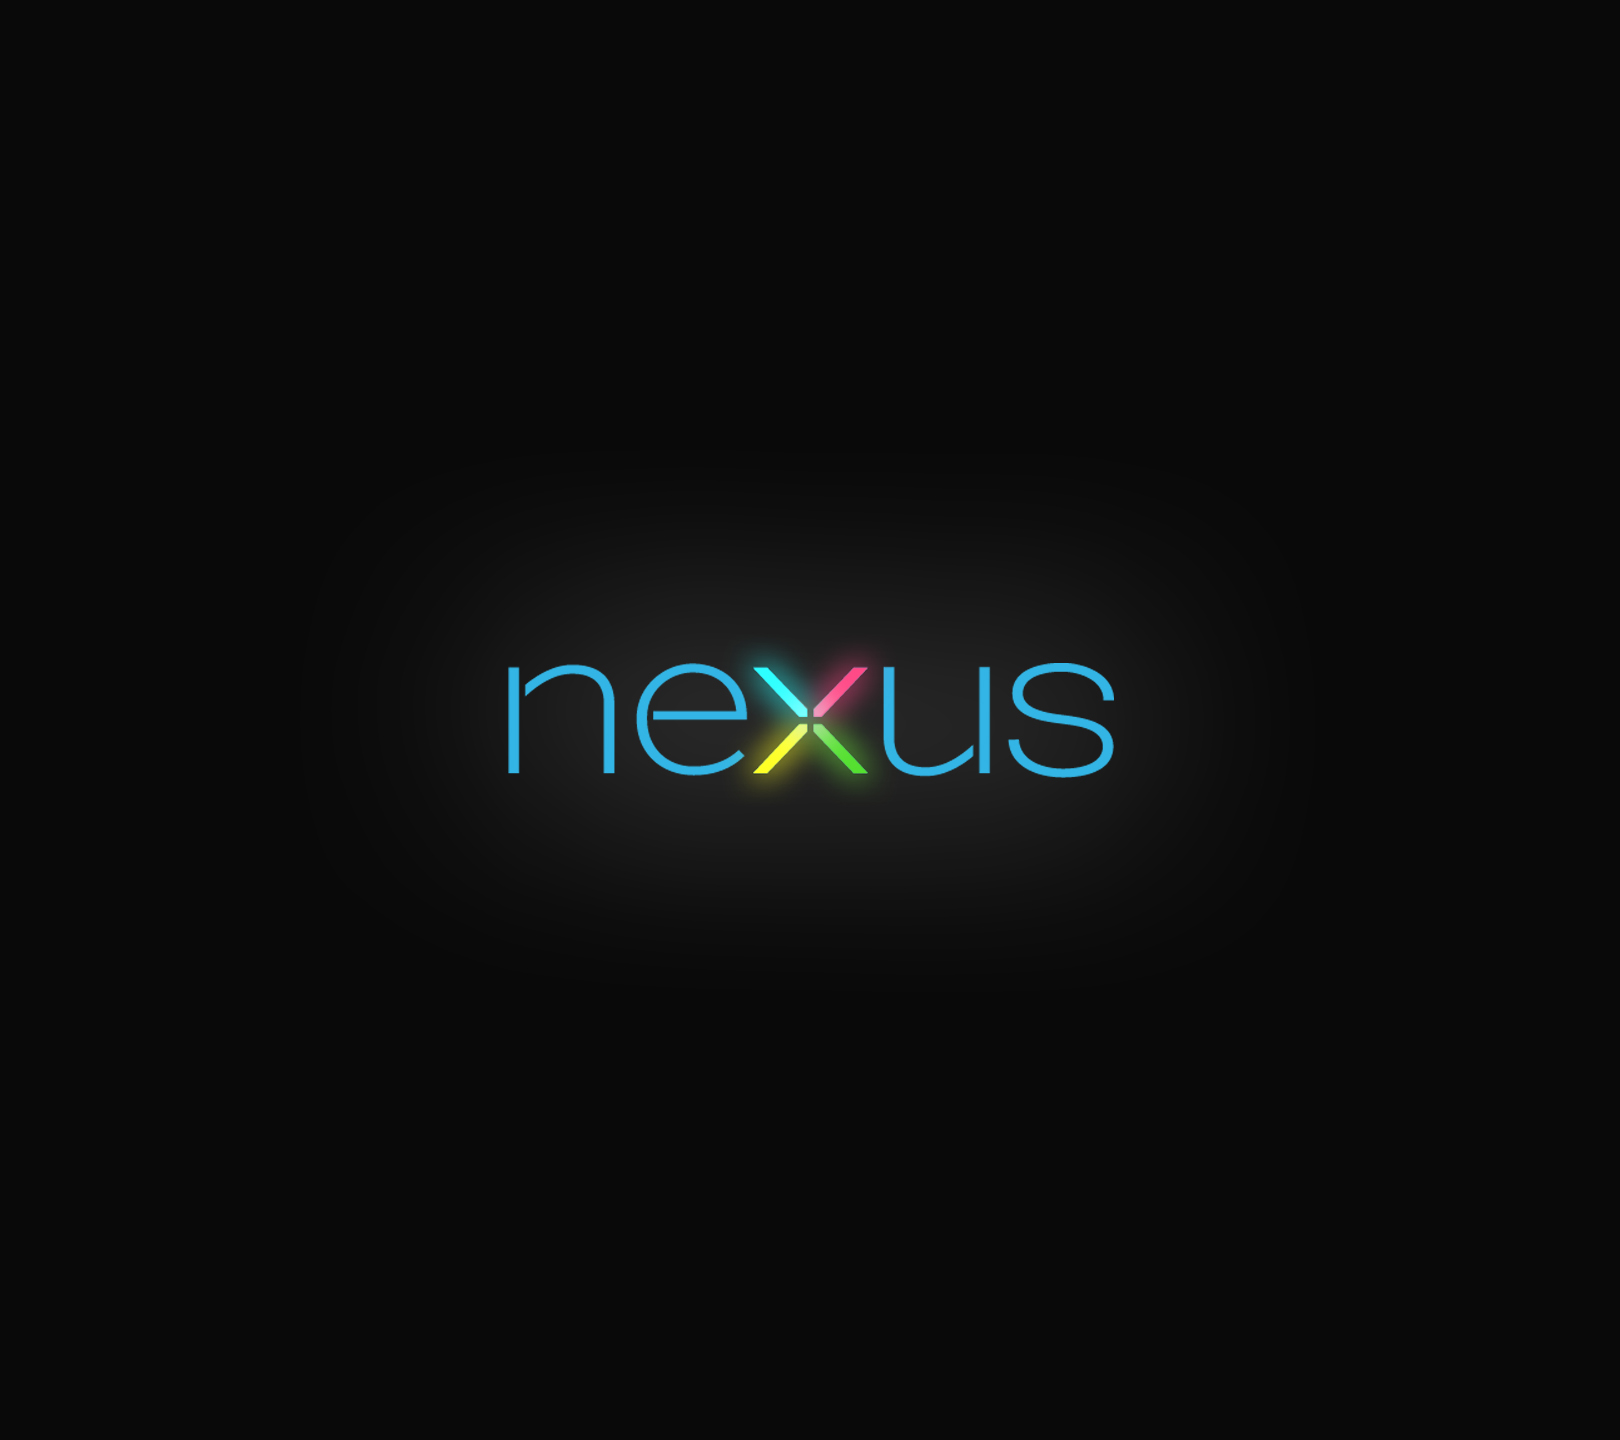 Hd Nexus Wallpapers